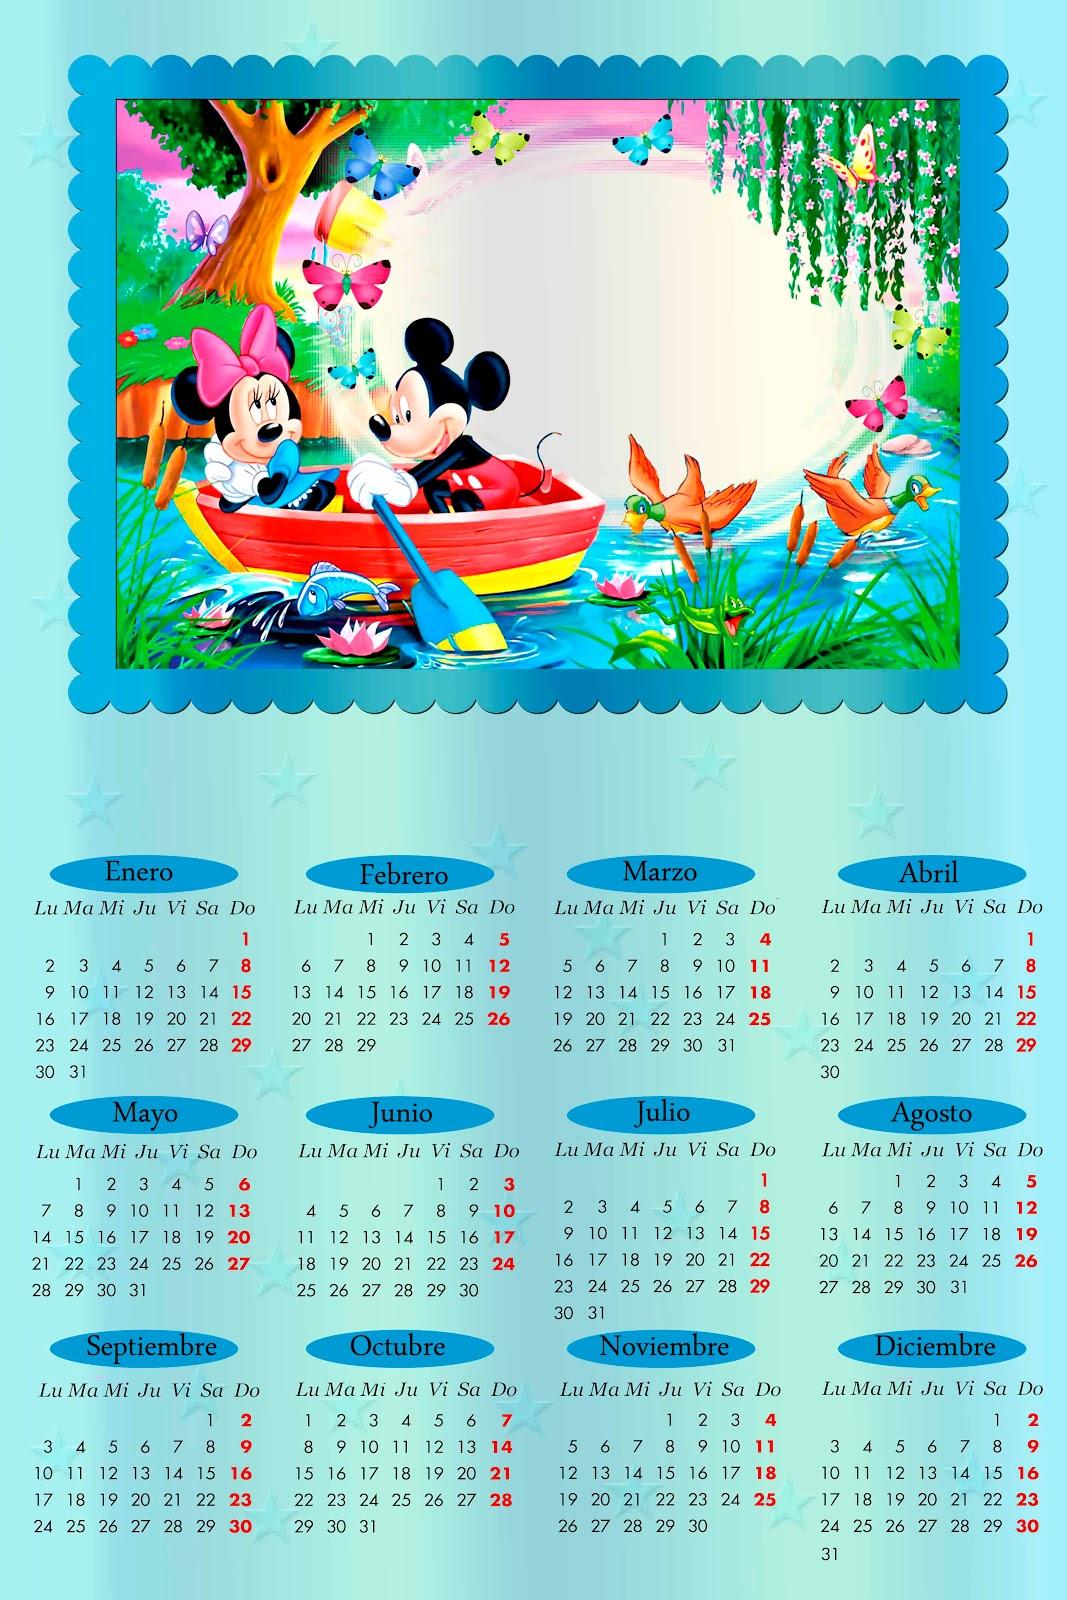 2012 Em PSD E PNG   Tem Calendario Do Mickey Minie Winnie The Pooh